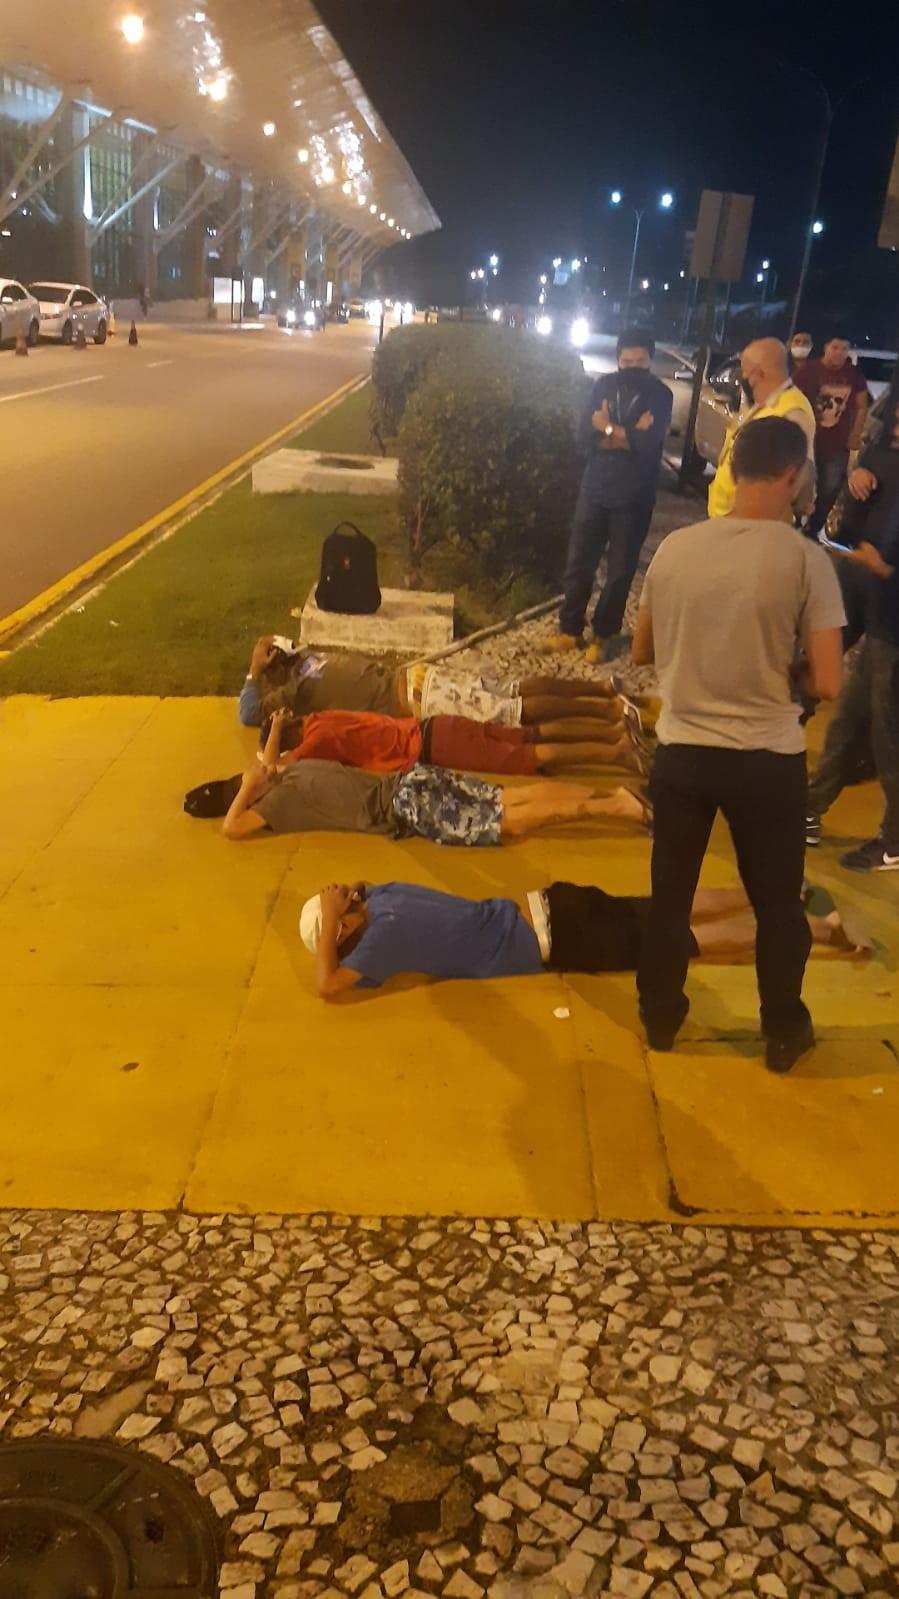 Quatro adolescentes são apreendidos por tentativa de assalto no aeroporto de Belém